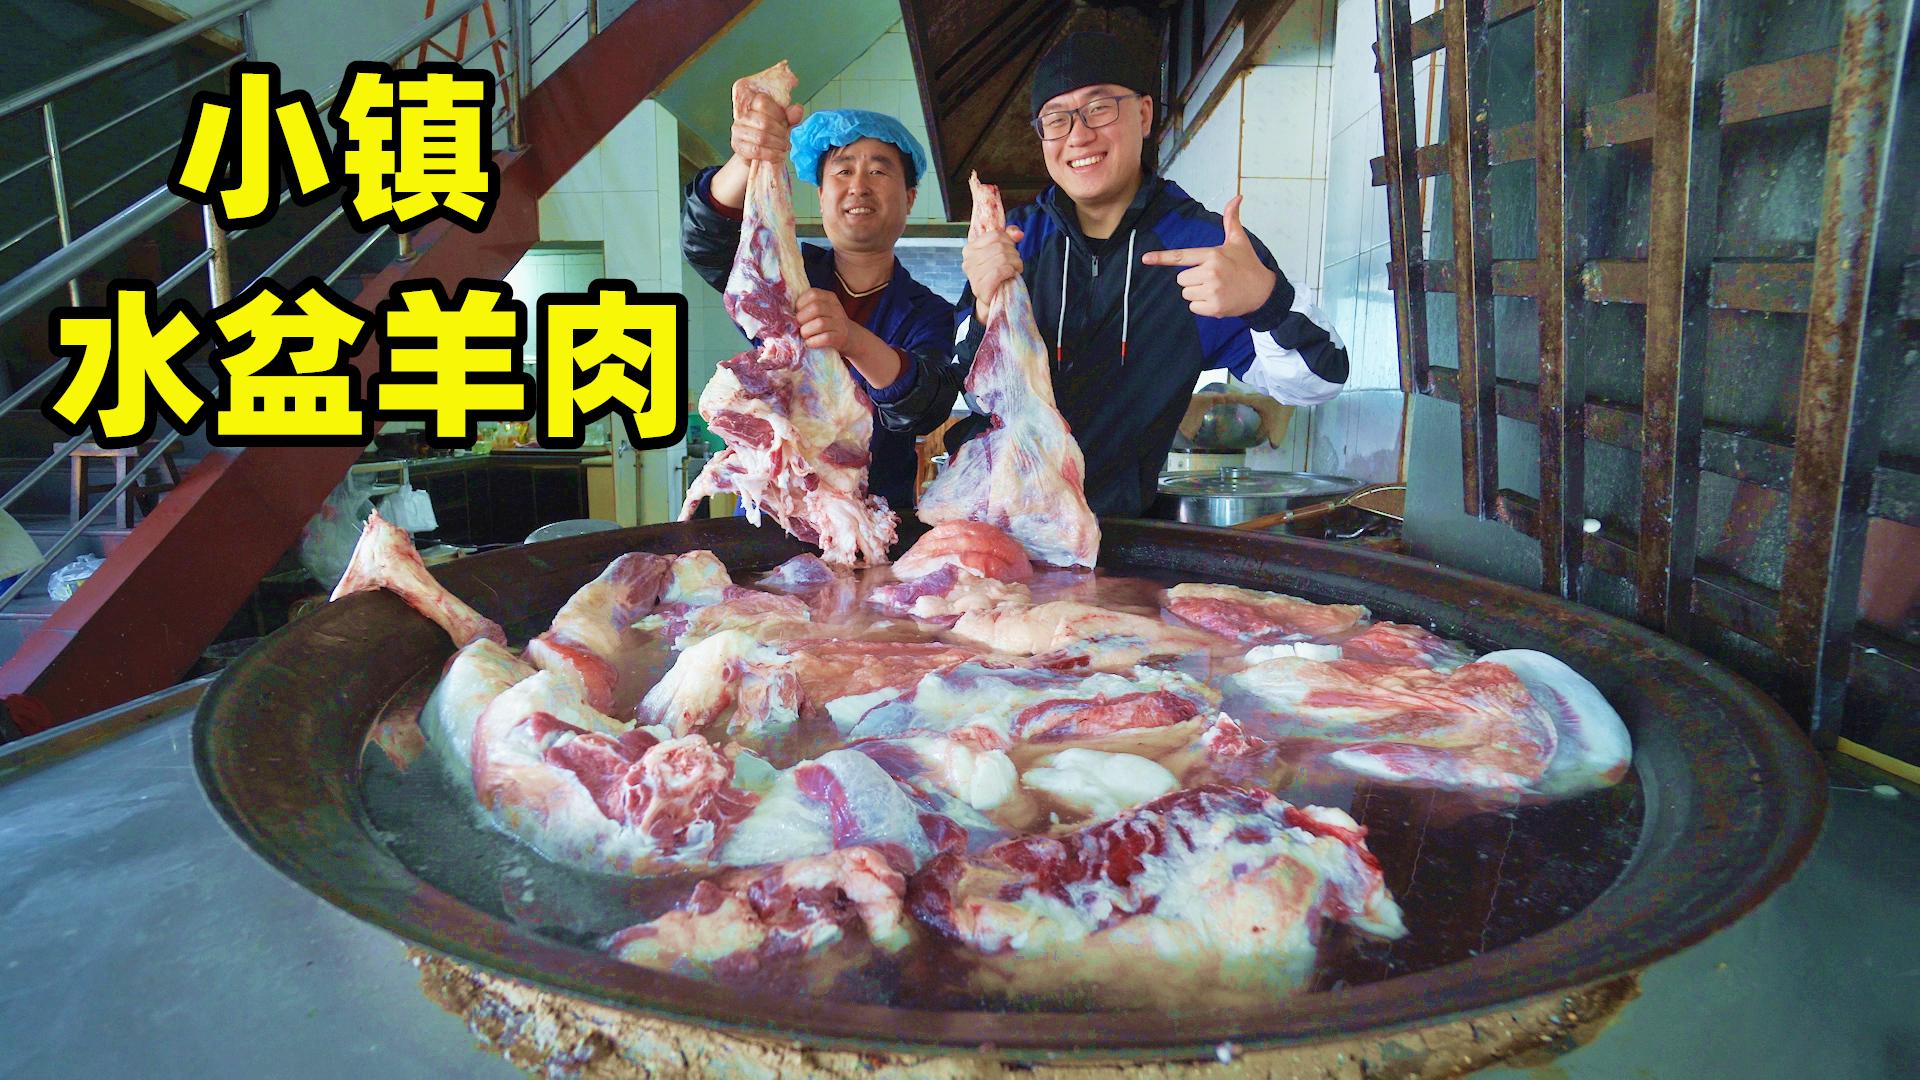 陕西小镇水盆羊肉,每天卖5只羊,祖传3代手艺,手撕羊肉凉拌羊杂